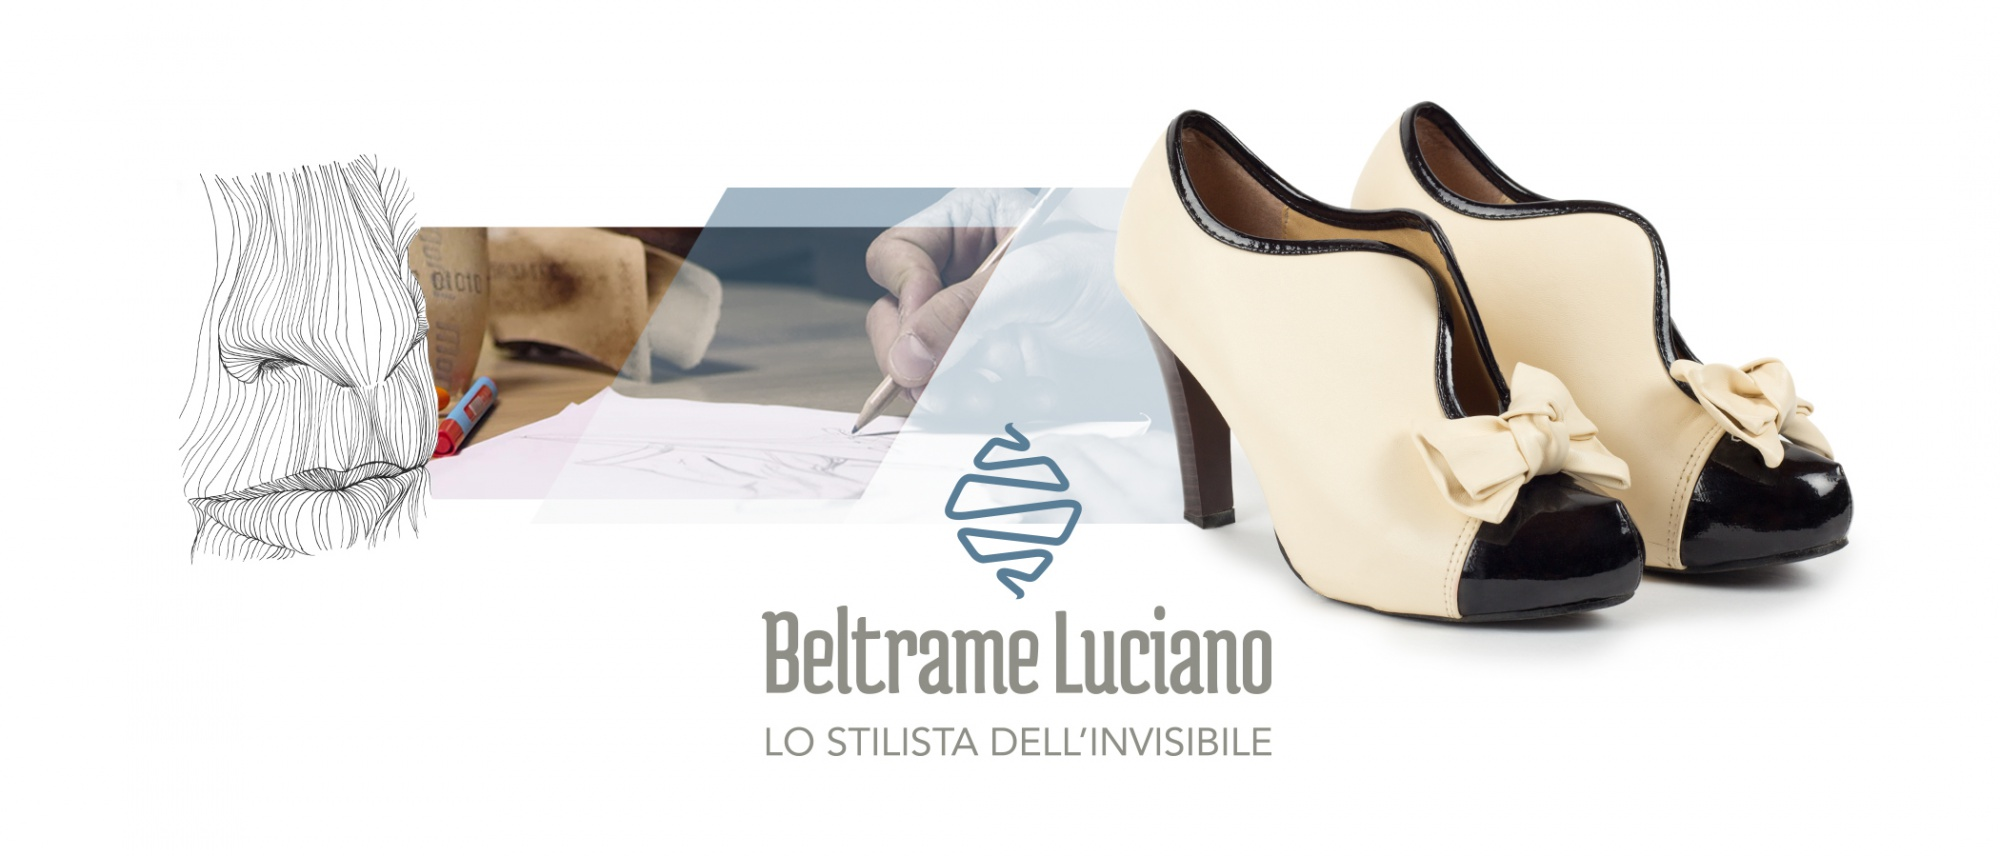 Tavola di stile per la creazione del marchio aziendale Beltrame Luciano